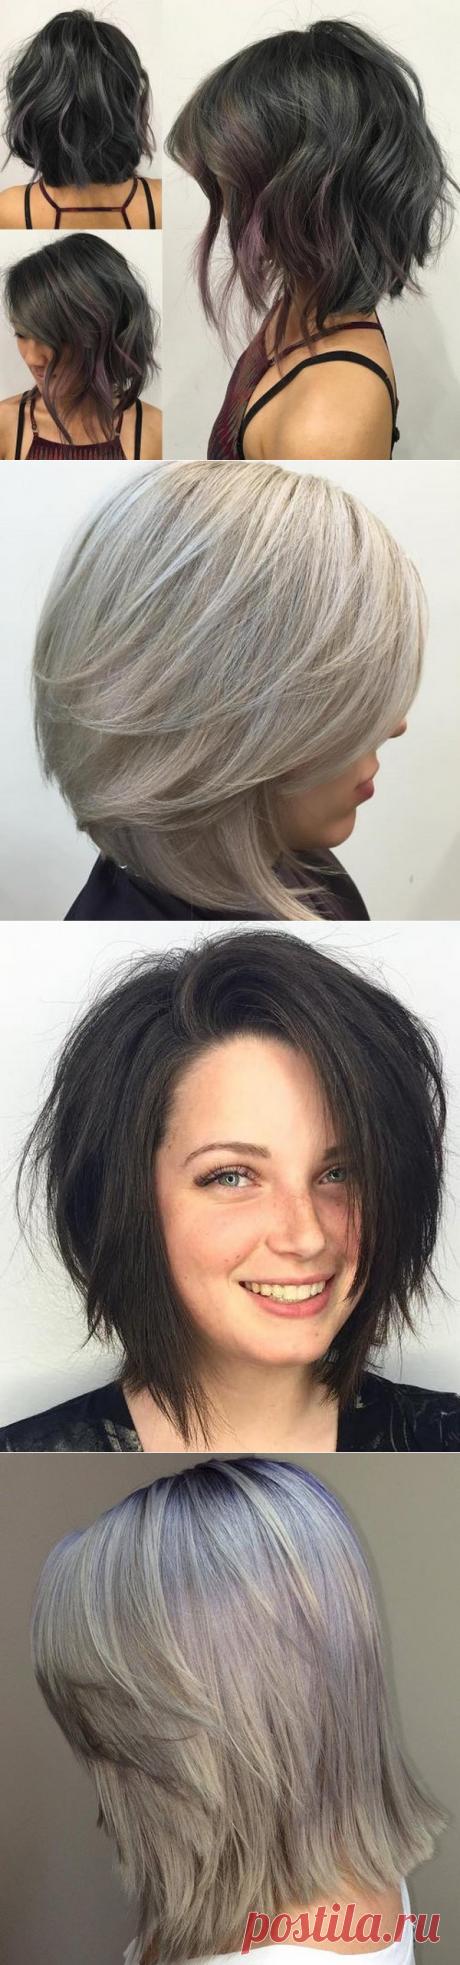 Модные женские стрижки боб на средние волосы 2017-2018 – фото новинки